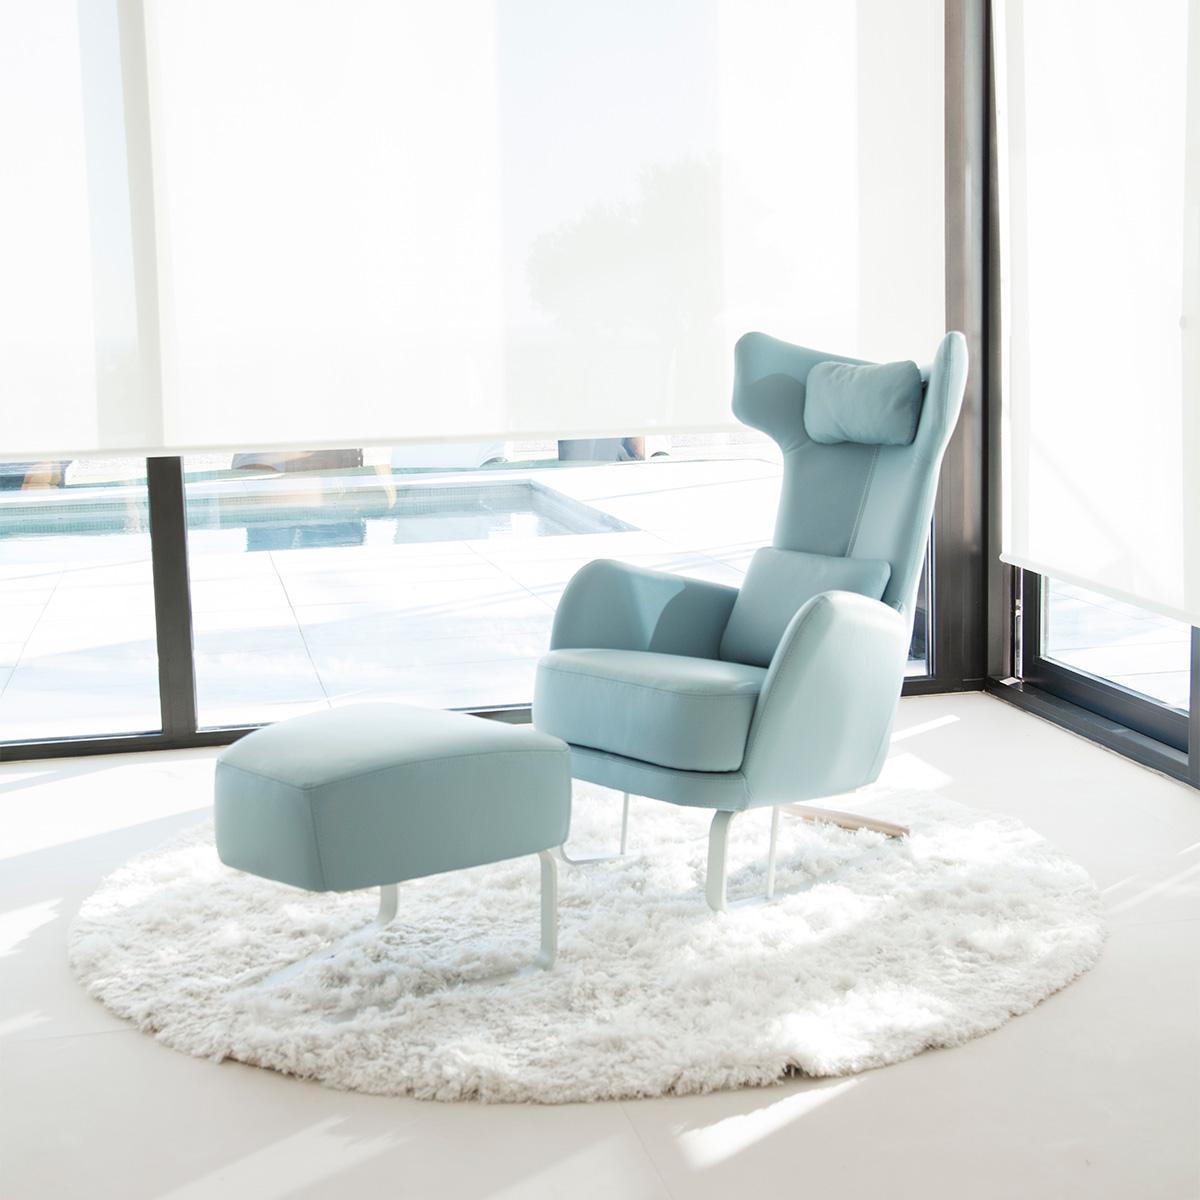 Μοντέρνα κουνιστή καρέκλα με υποπόδιο KANGOU modern rocking chair